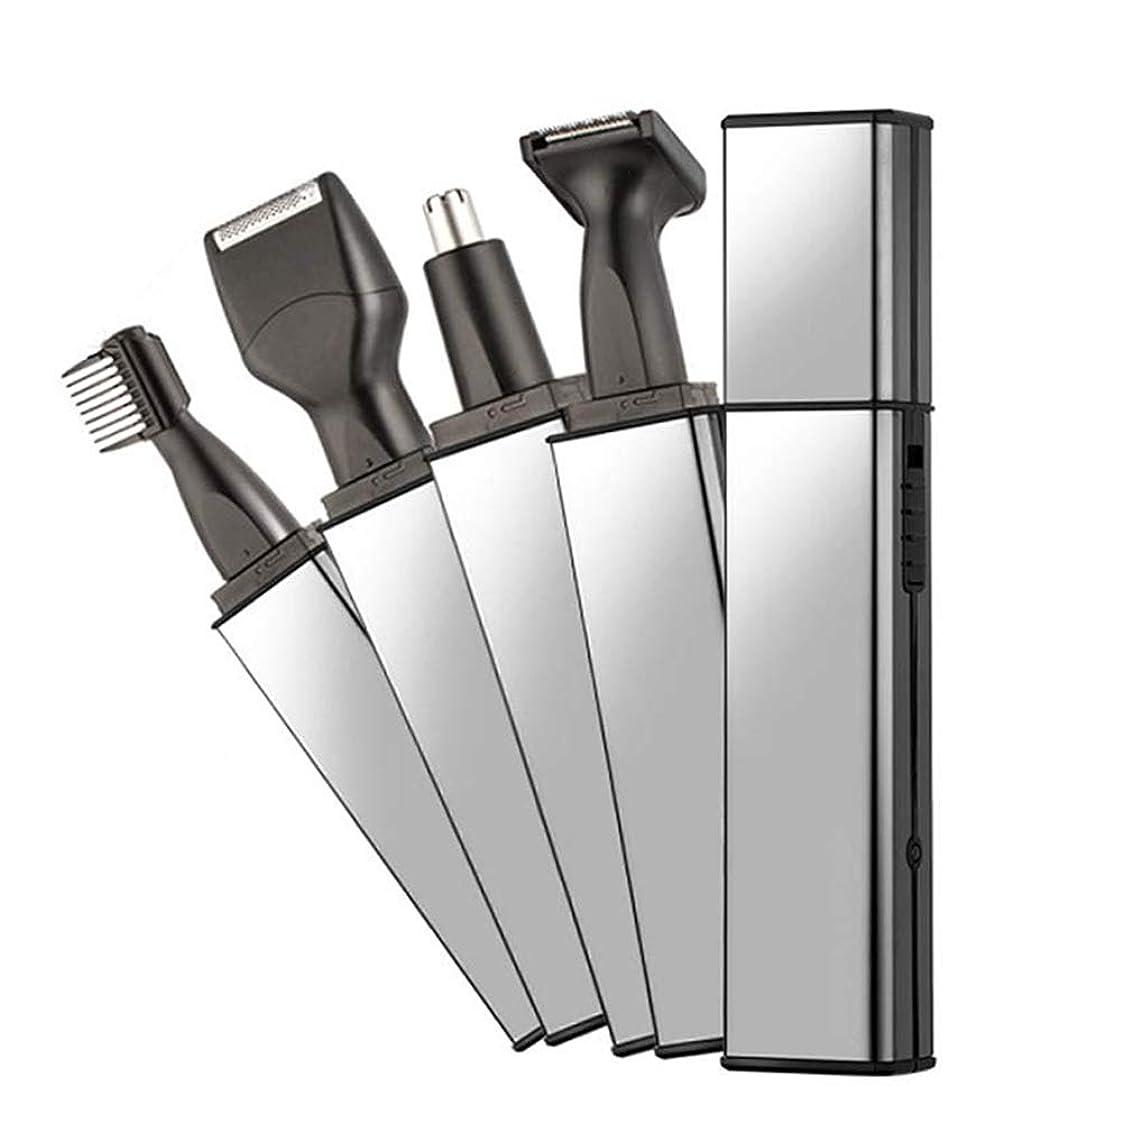 ナイトスポット国際採用する(イスイ) YISHUI シェーバー 超軽量 4イン1多機能 耳毛 ヒゲ たてがみ 眉毛シェーバー 鼻毛切り 水洗い可 スタンド付き 収納ポケット付き 携帯便利 安全にお手入れ 男女兼用 USB充電